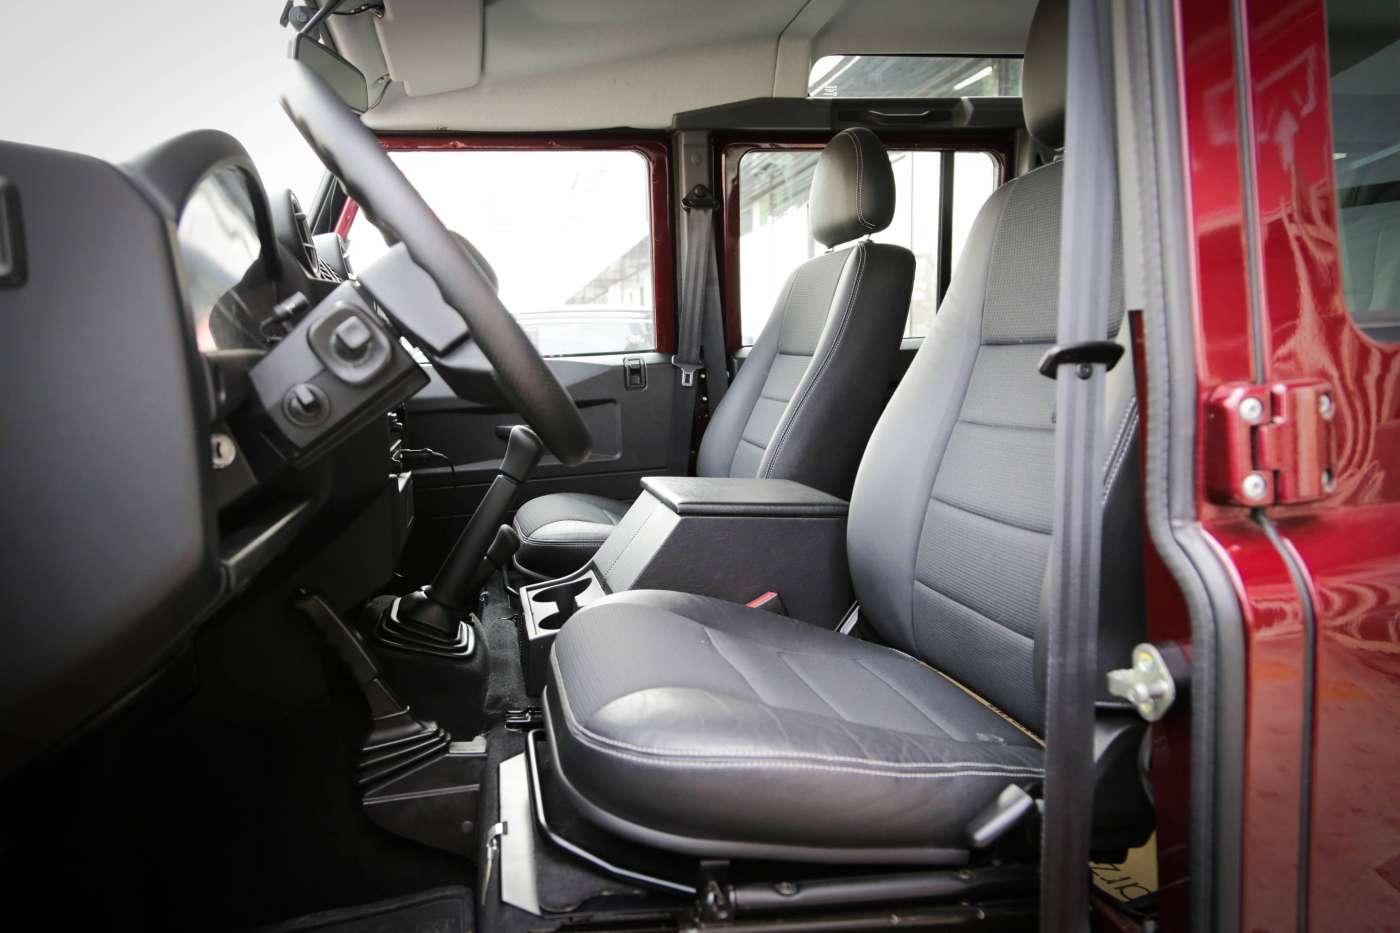 卫士110凯恩版   蒙塔奇诺红/黑|进口捷豹路虎-北京卡斯基汽车服务有限公司